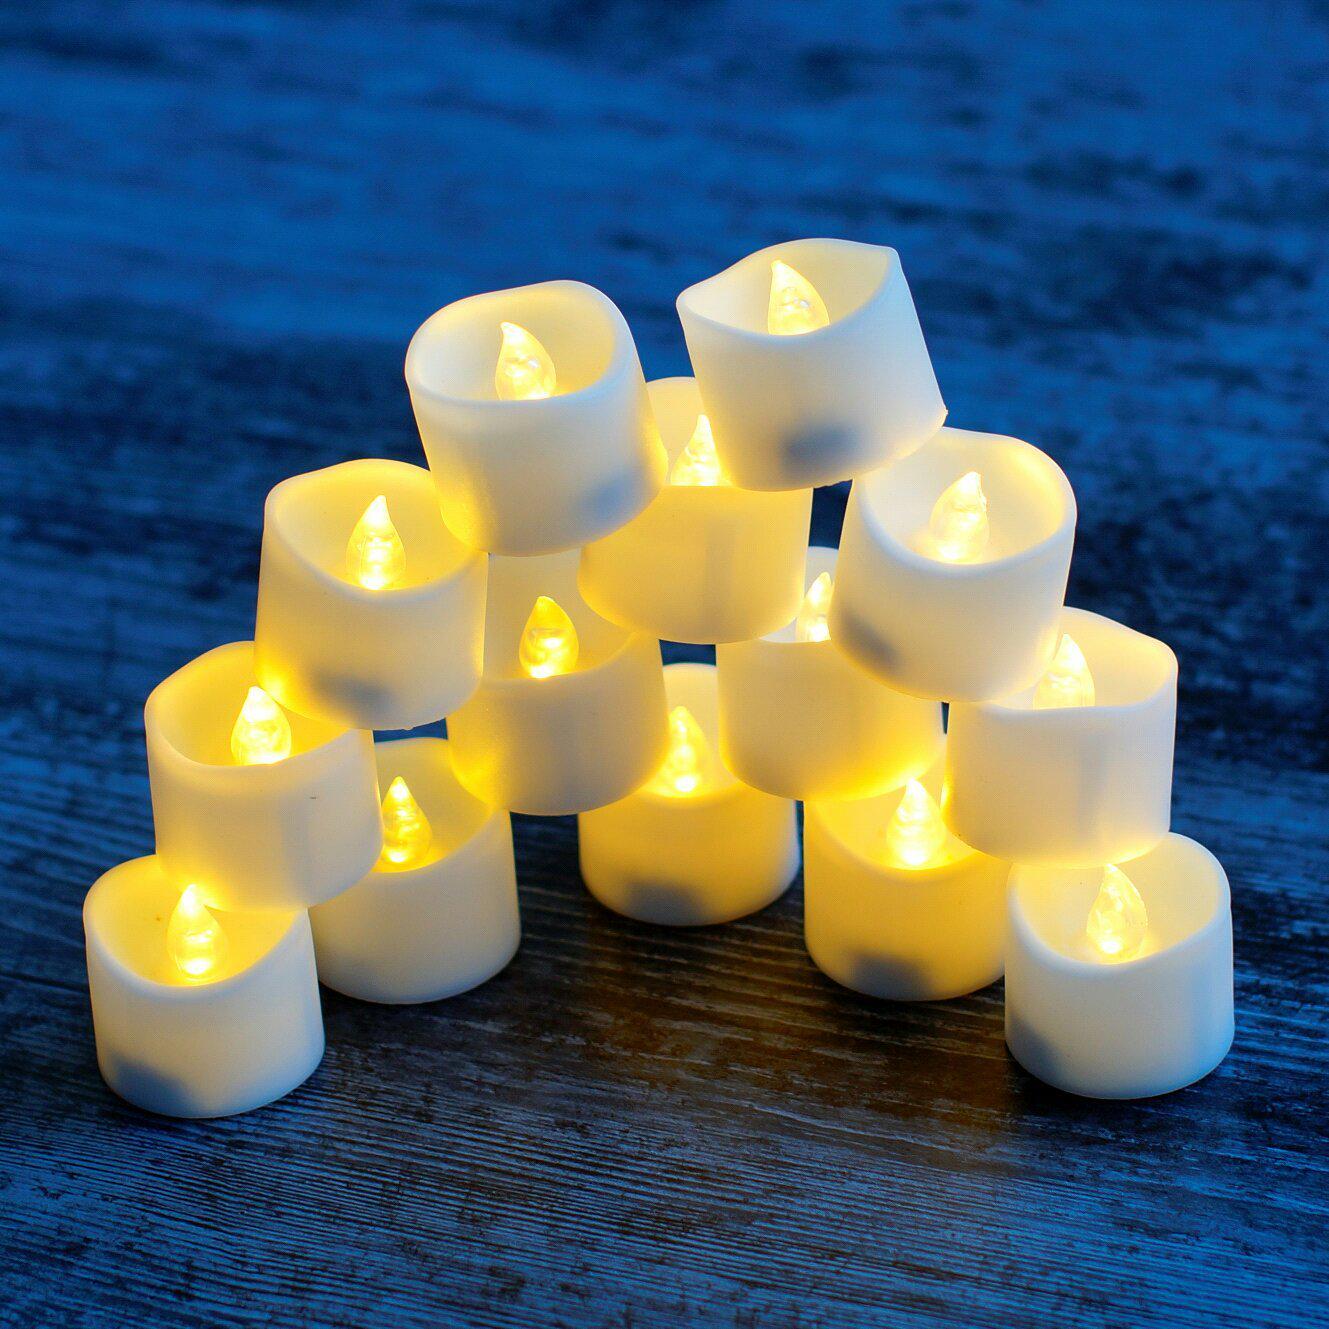 Светодиодные свечи на батарейках - CR 2032 - характеристики